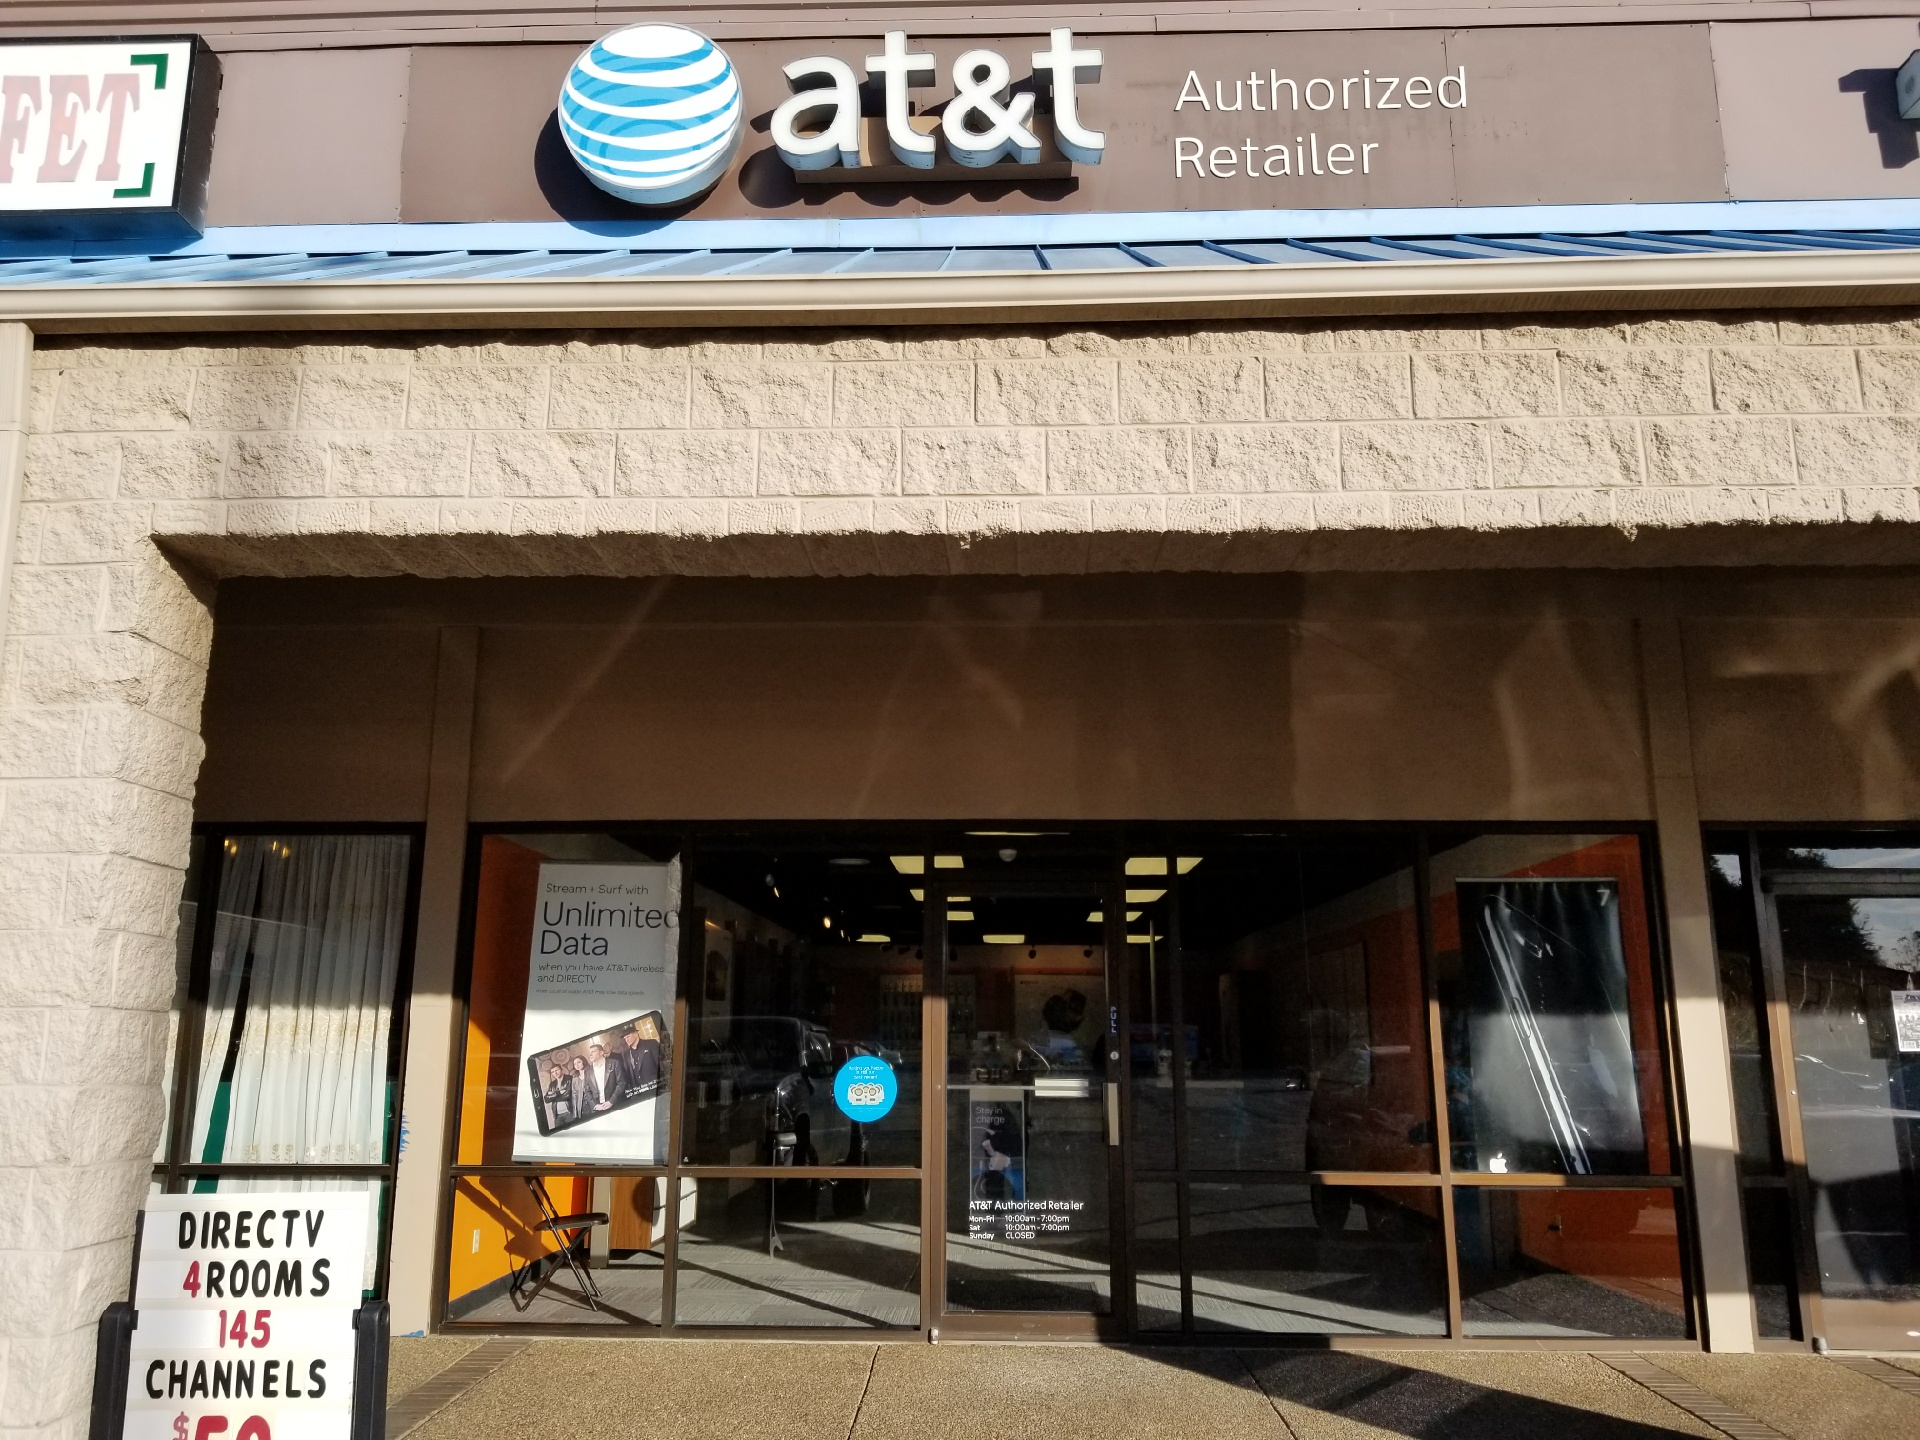 AT&T image 8